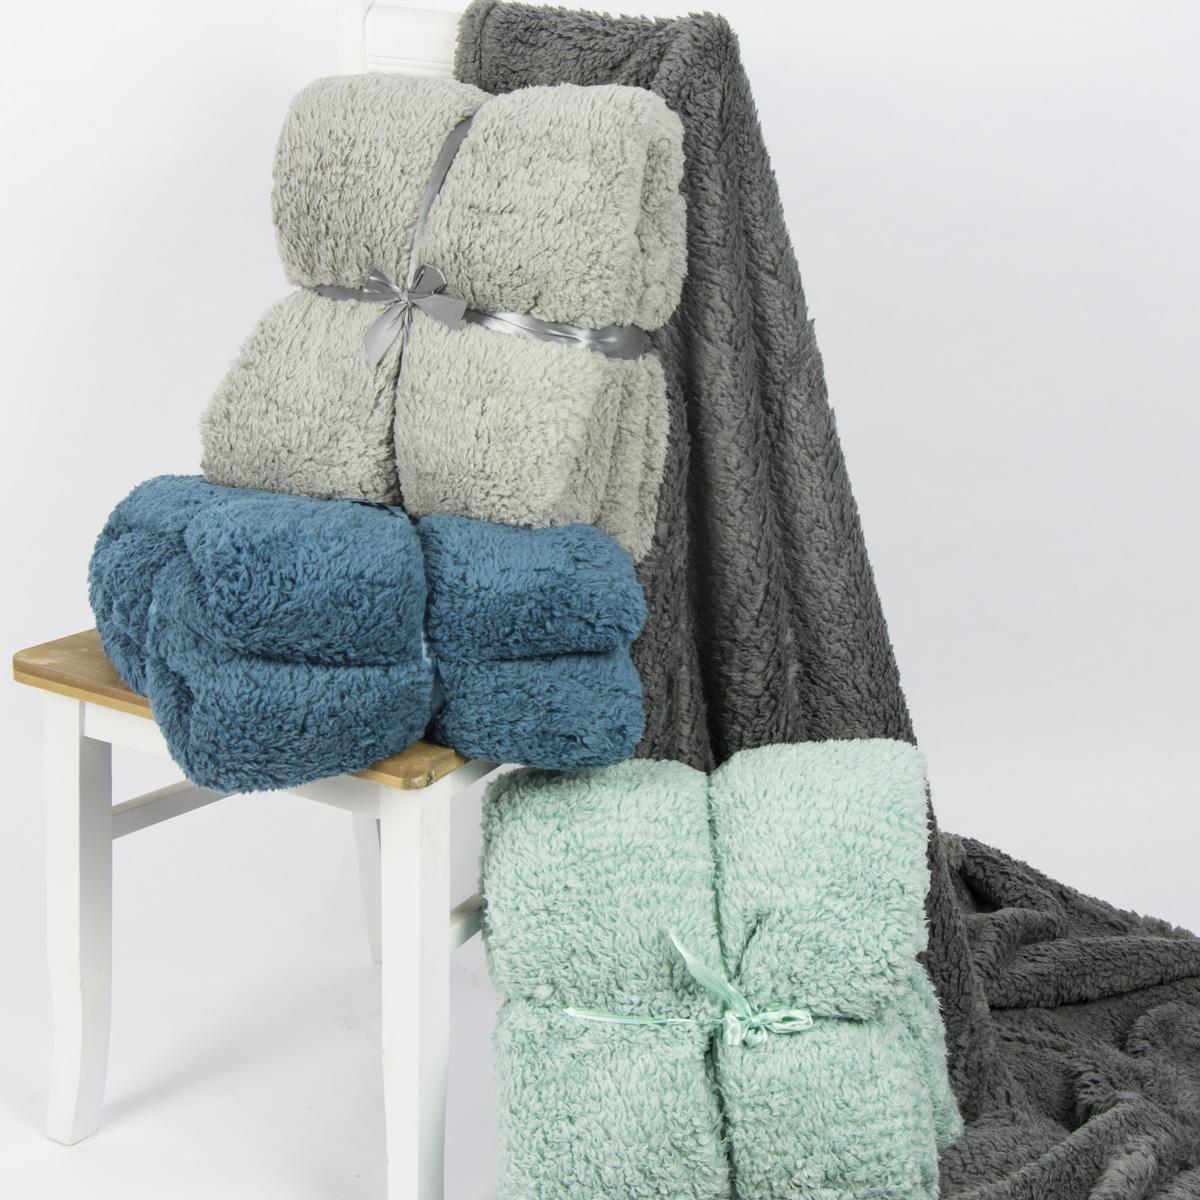 Full Size of Schöne Decken Schne Frs Sofa Kalte Jahreszeit Ist Kuscheldecken Zeit Wohnzimmer Deckenleuchte Schlafzimmer Modern Deckenlampe Deckenleuchten Küche Led Wohnzimmer Schöne Decken